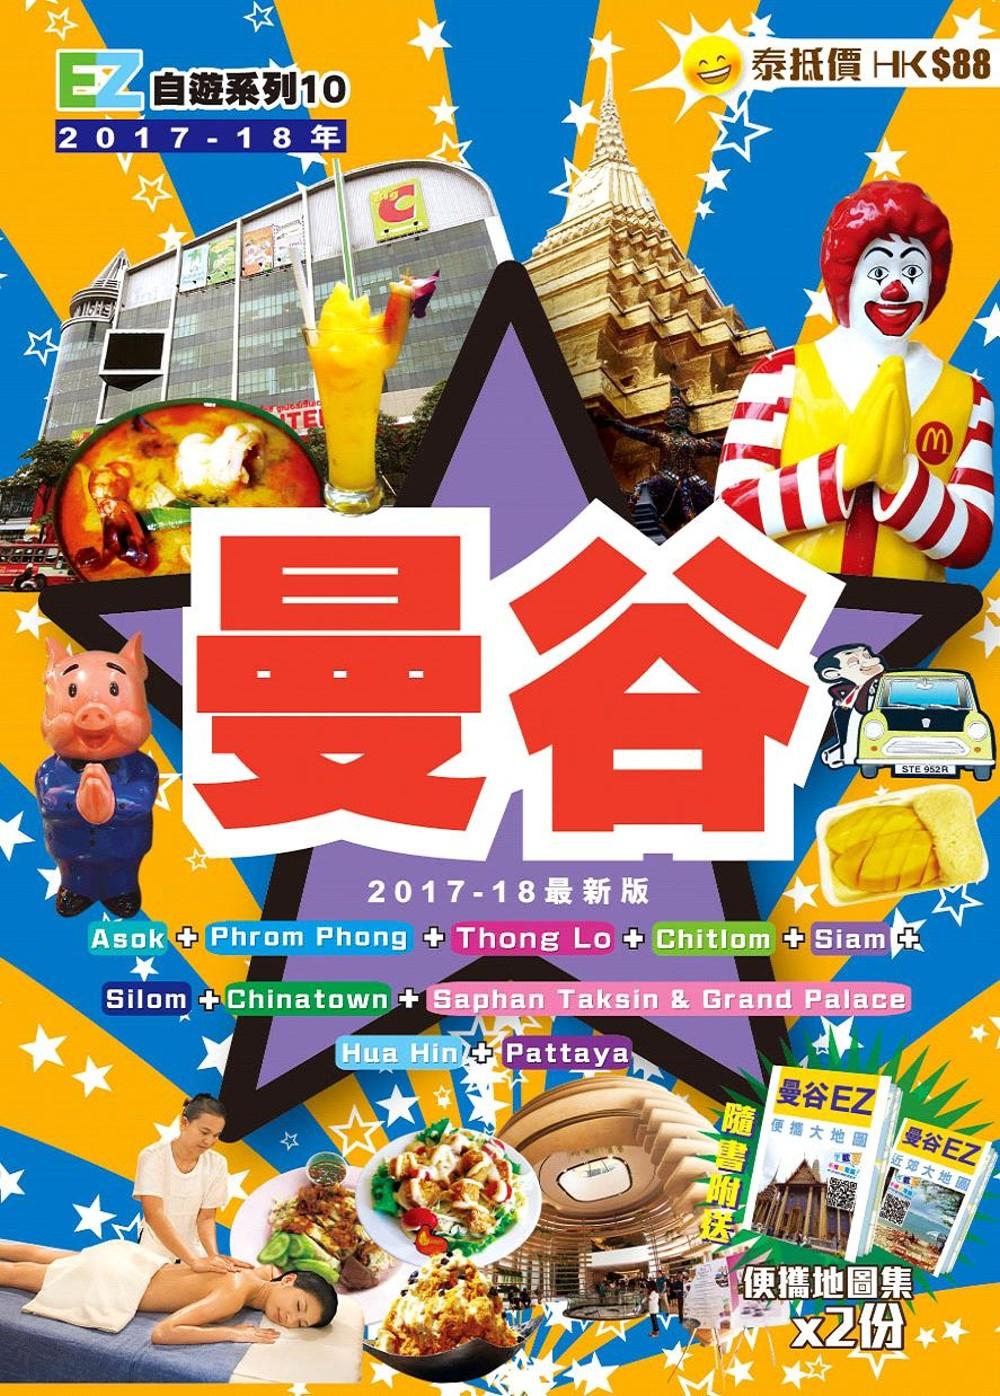 曼谷EZ(2017-18年最新版)